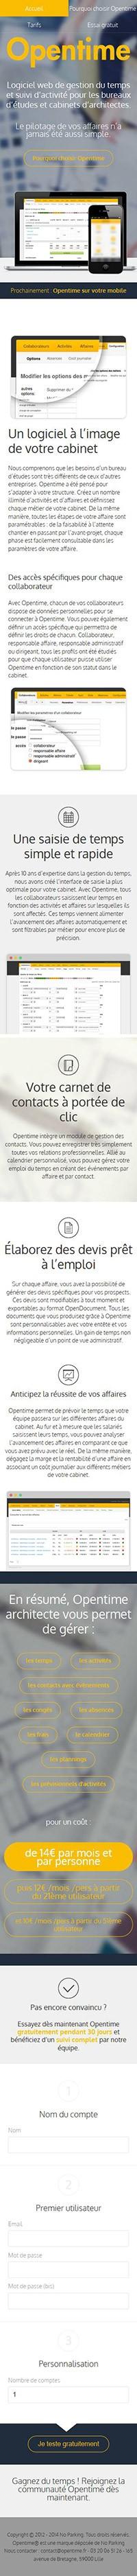 Catpure d'écran mobile du site Opentime métier